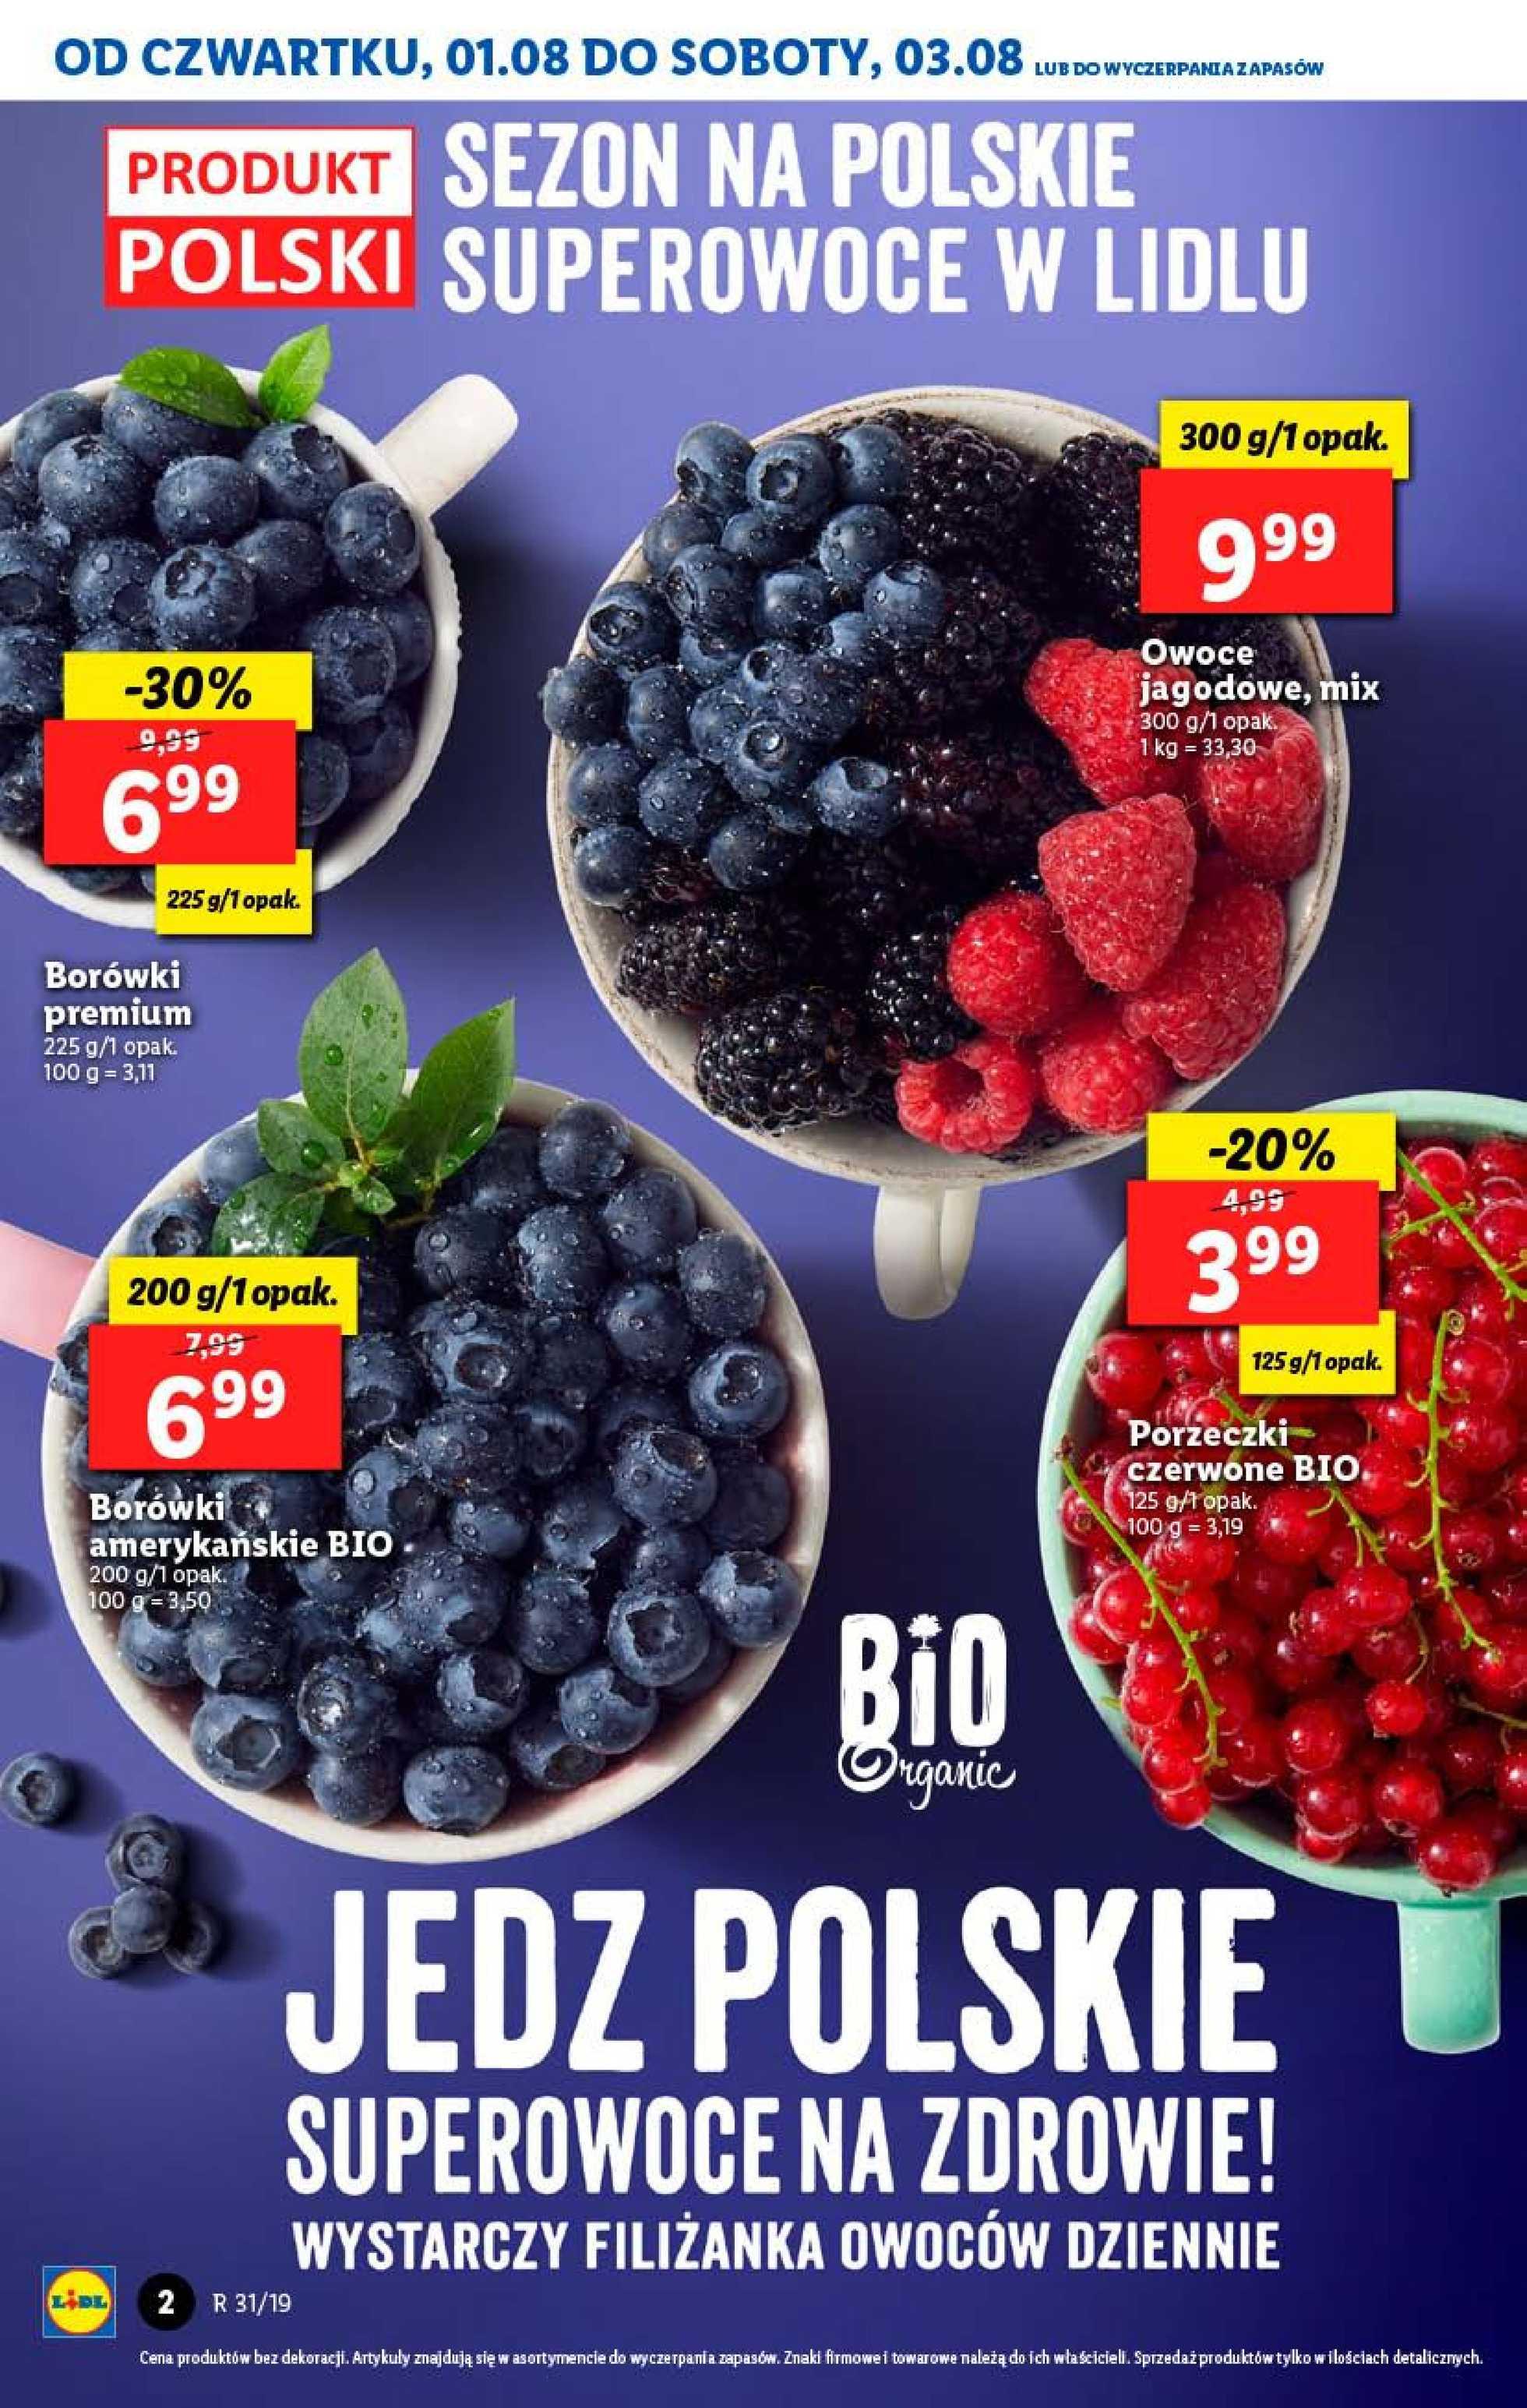 Lidl - gazetka promocyjna ważna od 01.08.2019 do 03.08.2019 - strona 2.